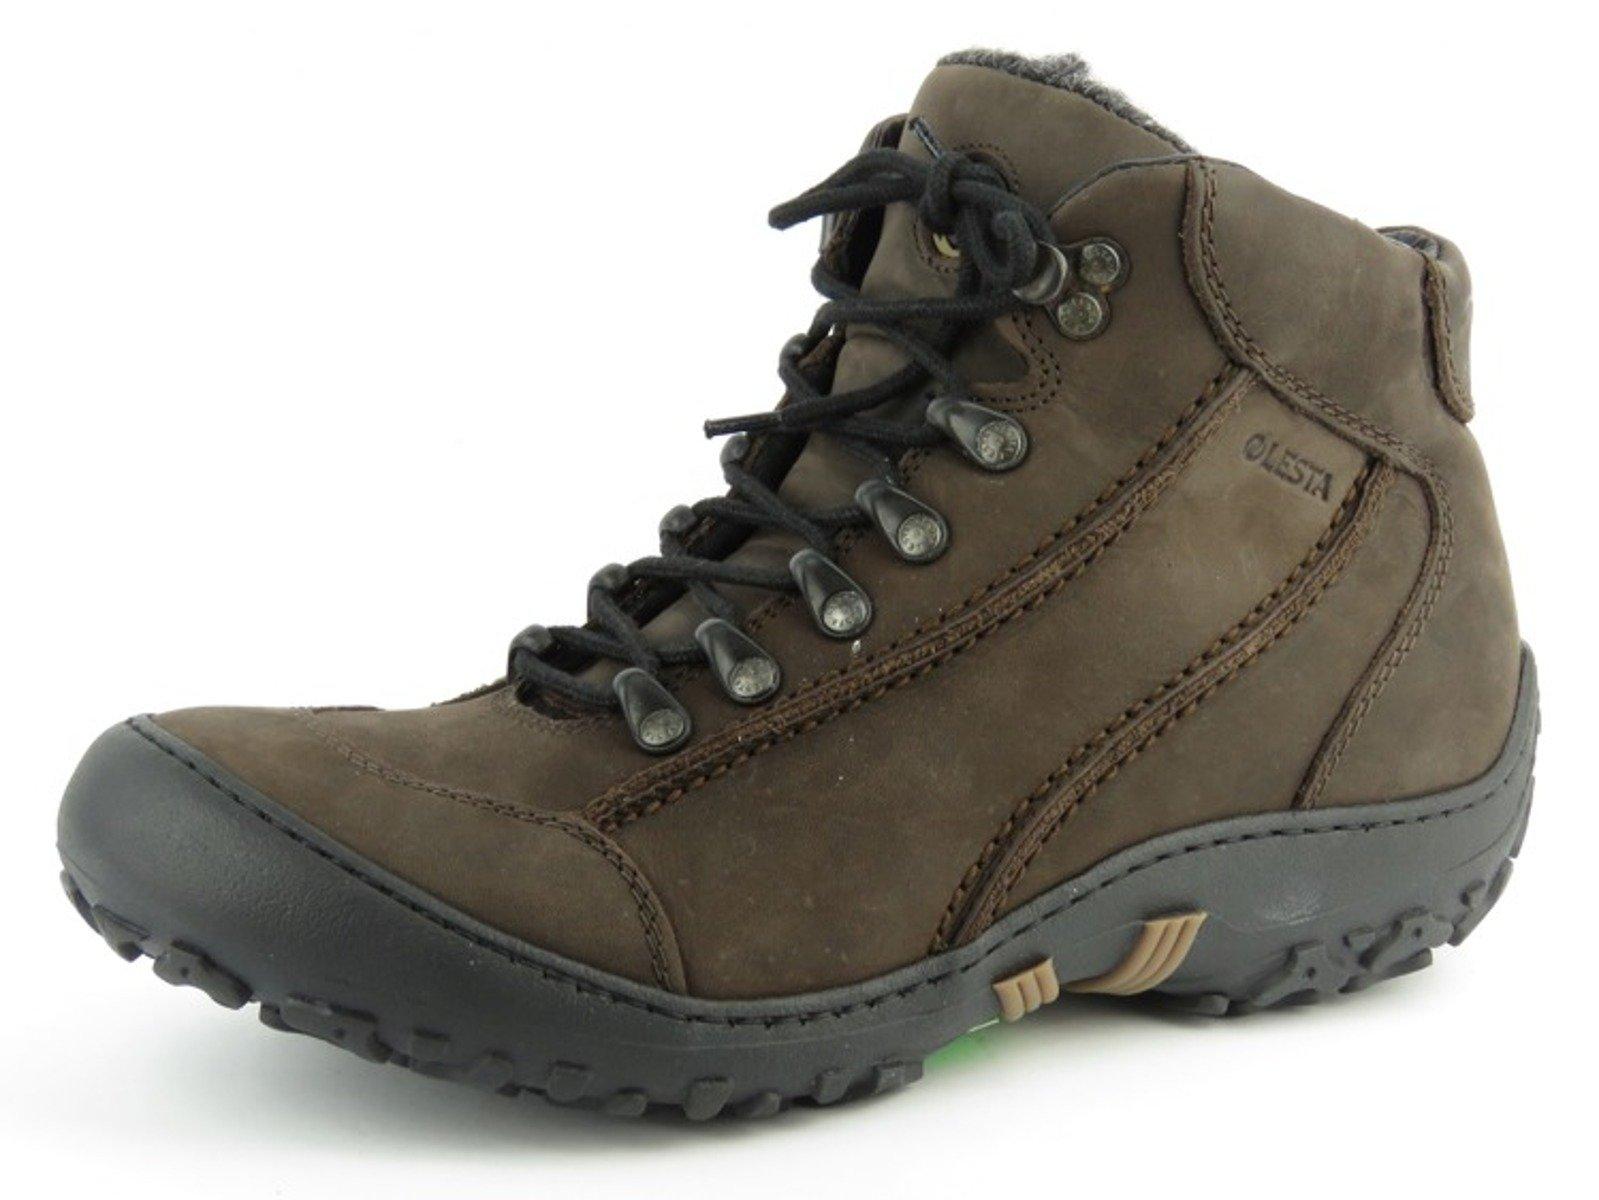 d470c63188481 Trzewiki męskie trekkingowe LESTA 6074 Kliknij, aby powiększyć ...